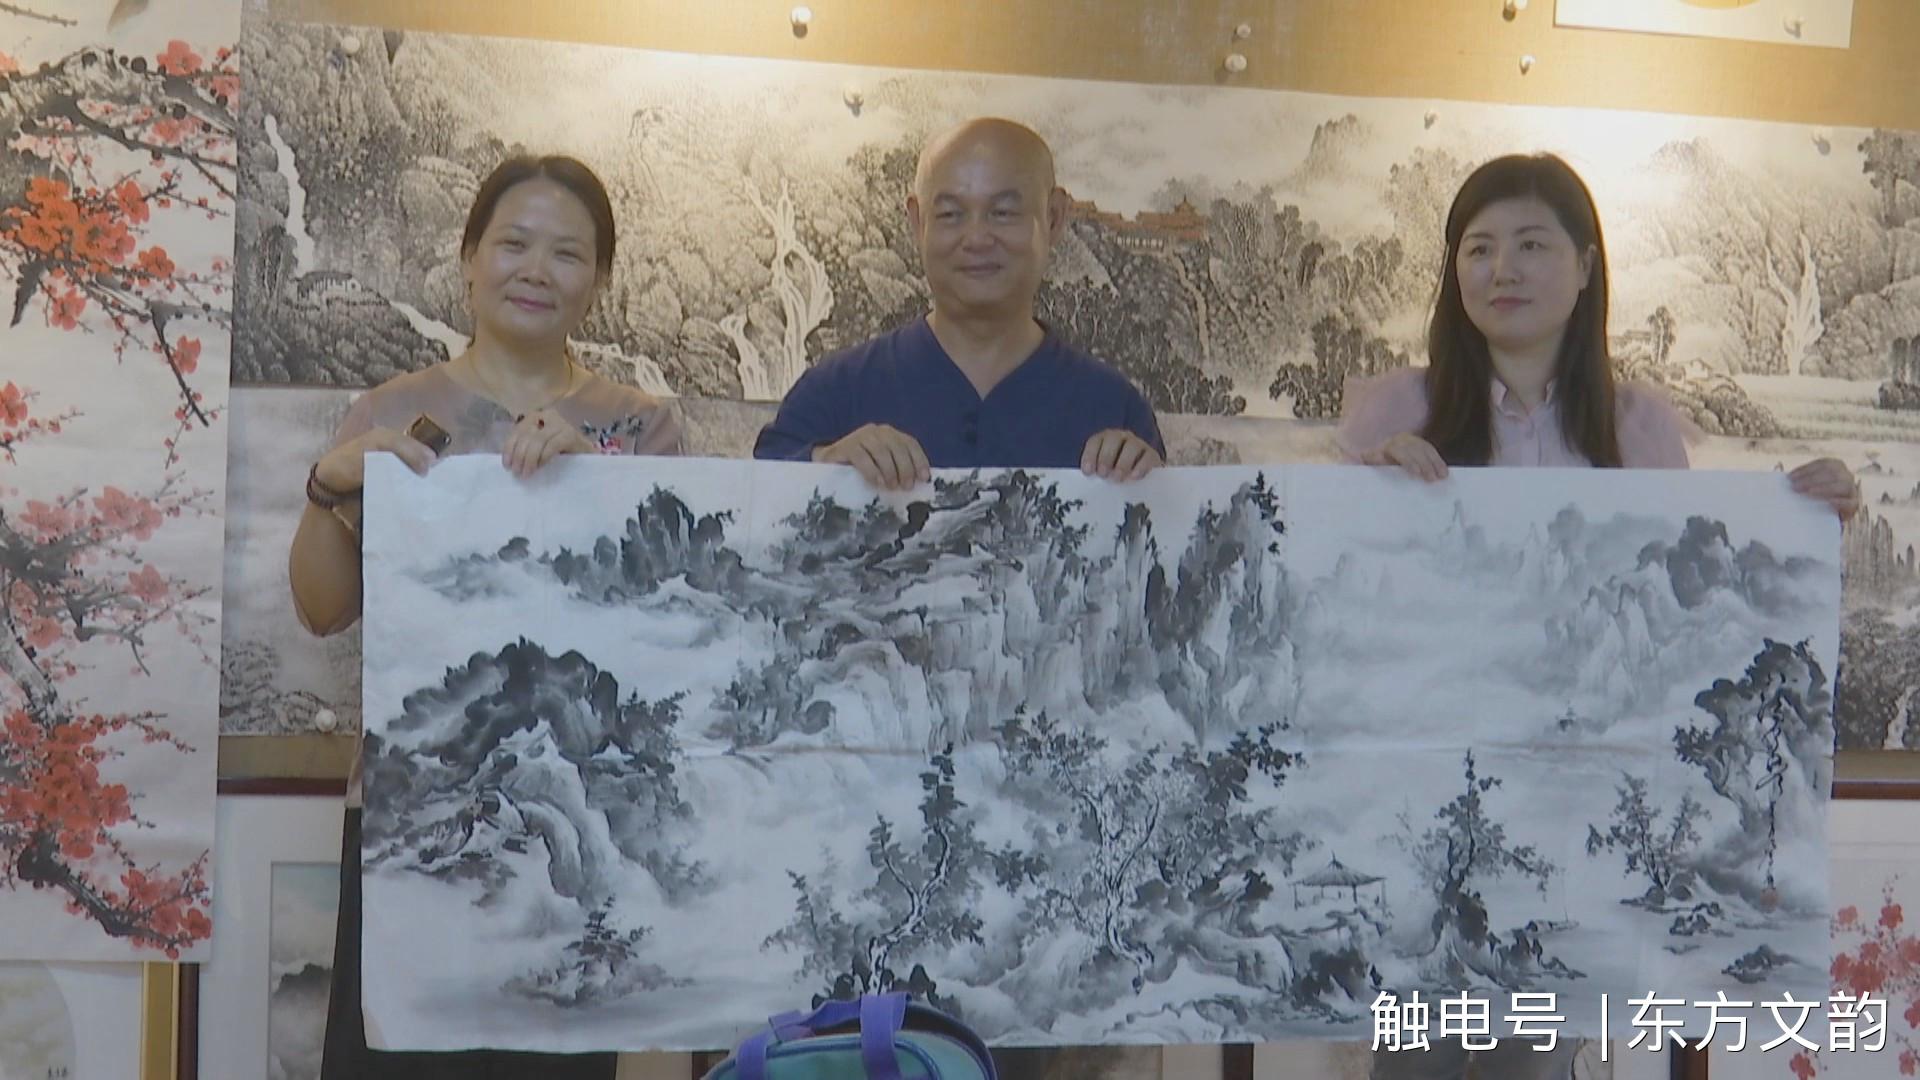 台湾南菁艺术学院院长柯沛鸿向铜陵金陵画院赠画